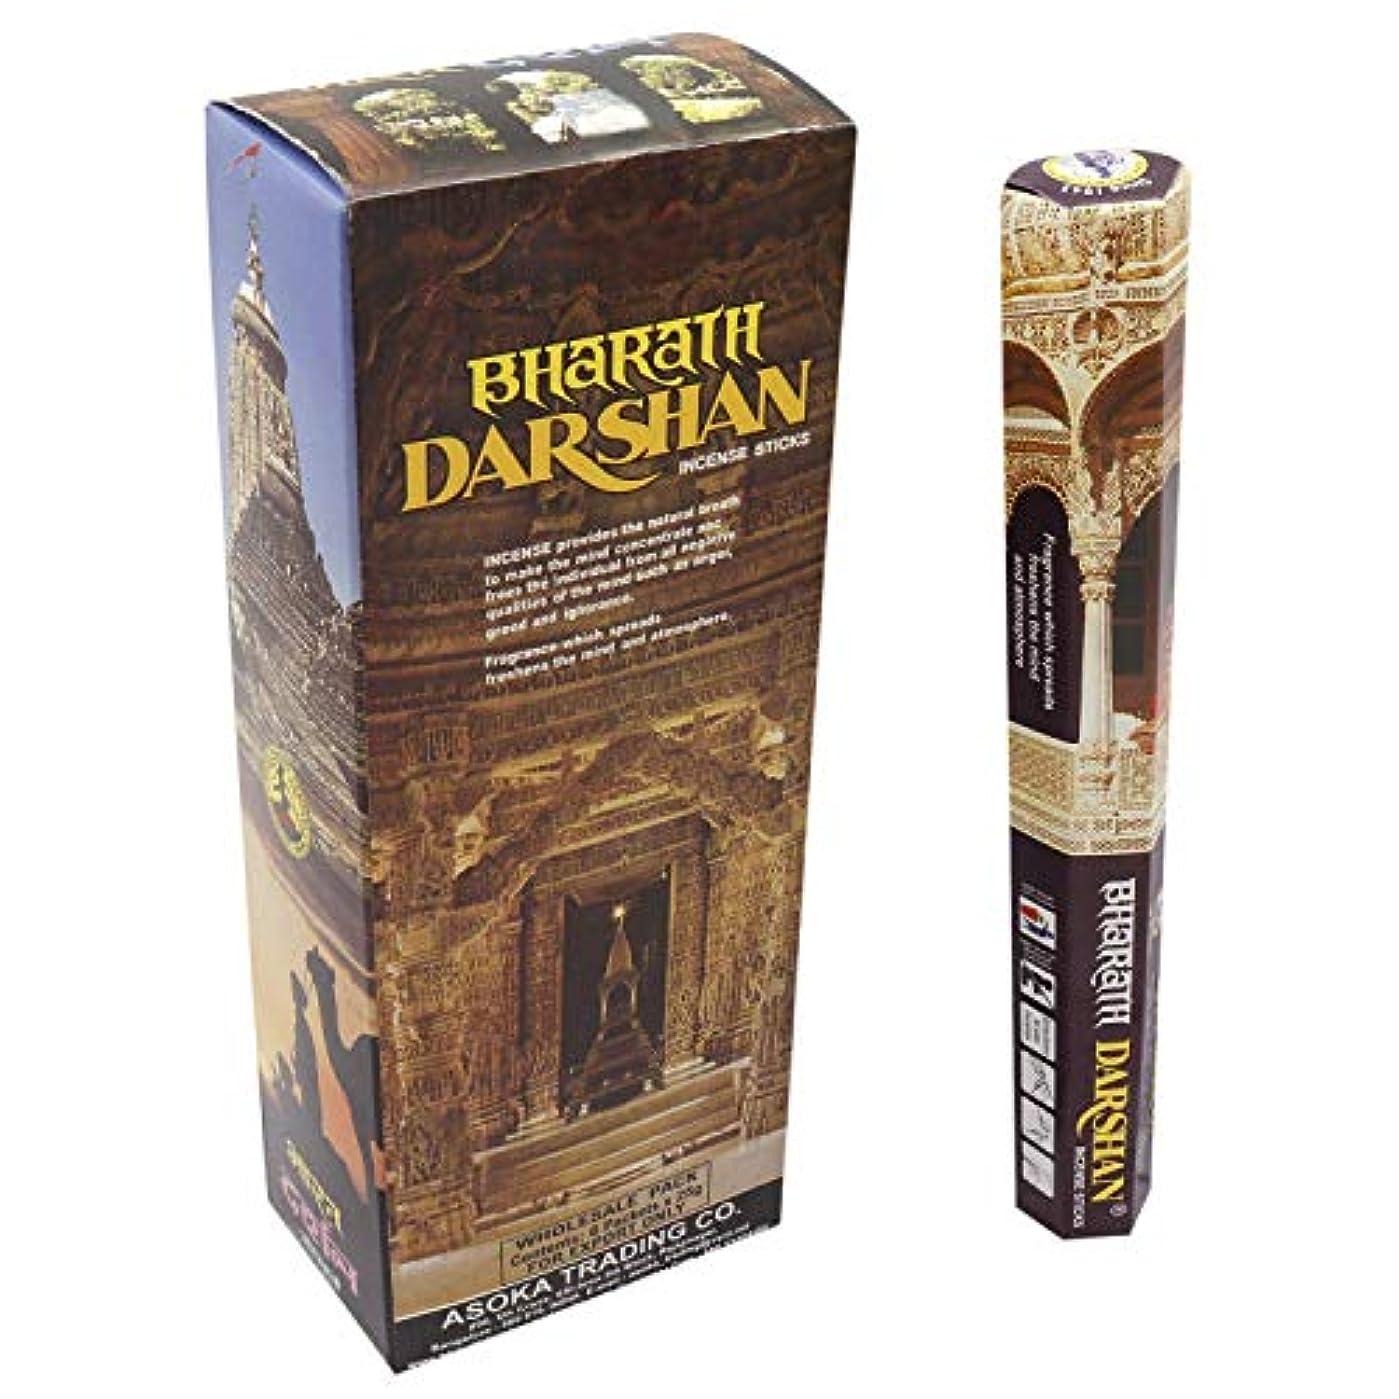 を必要としています普及傾いたBharat Darshan 6 pkt of 18 Sticks Each (Contains 108 Incense Sticks/Natural Agarbatti) with Free Wooden Incense...